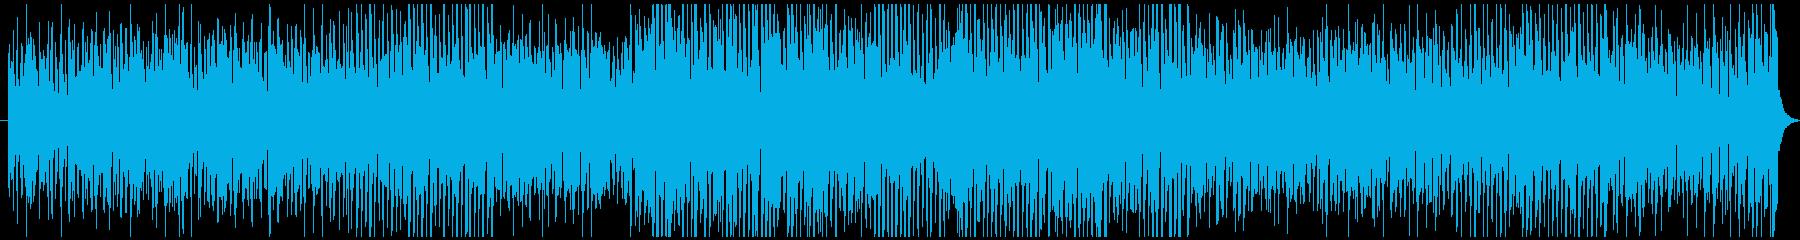 若さを感じる軽快なミュージックの再生済みの波形